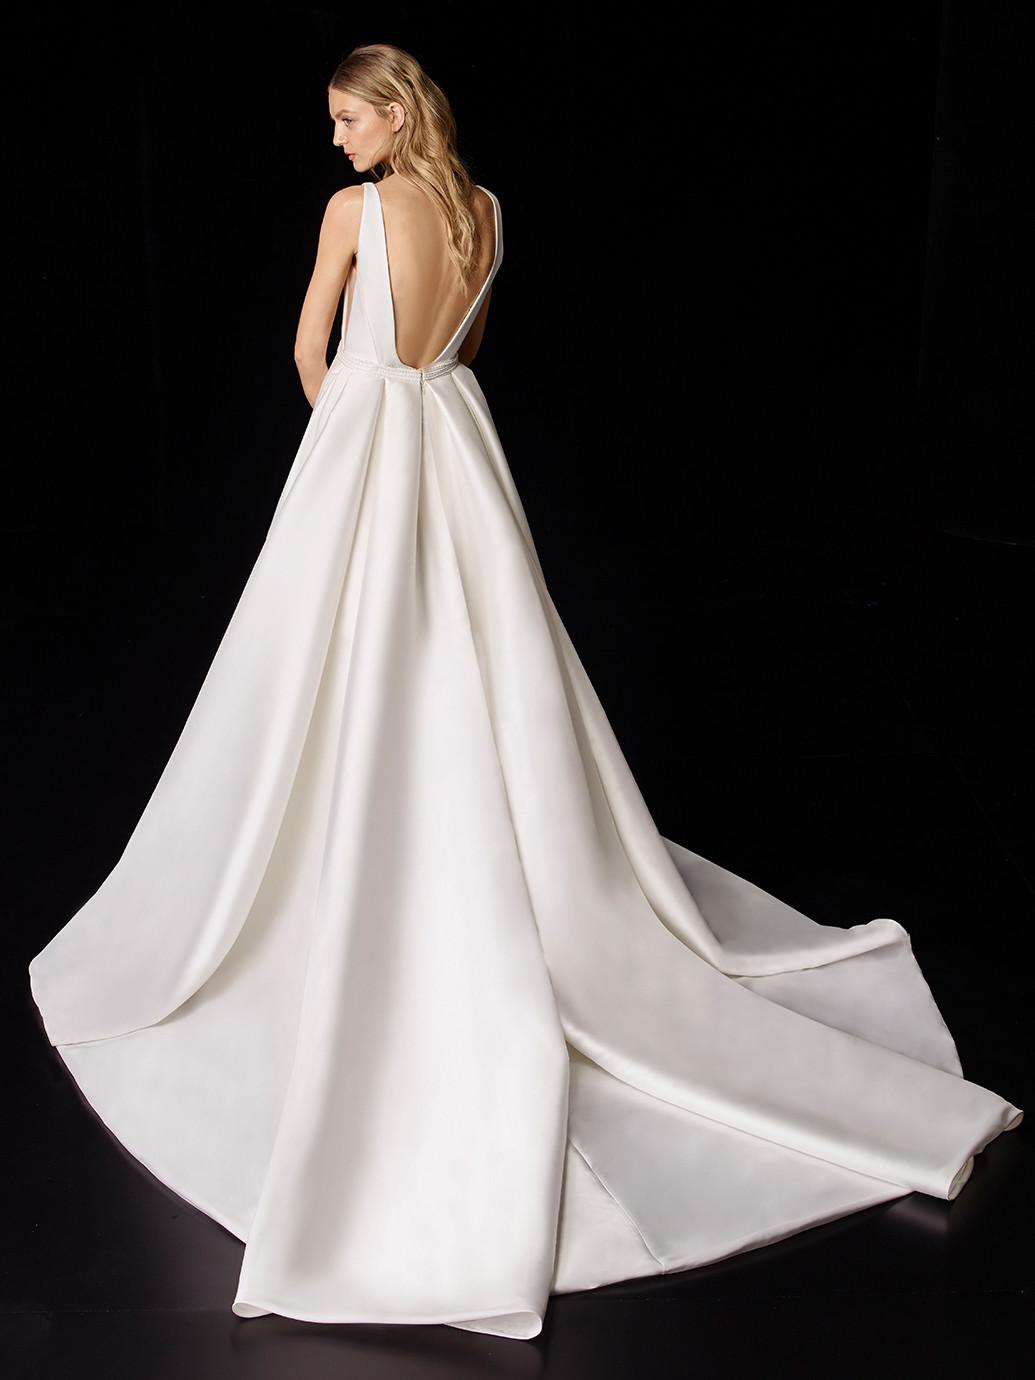 Puristisches Brautkleid mit V-Ausschnitt, abnehmbarer Schleppe und Schleife von Enzoani, Modell Peyton